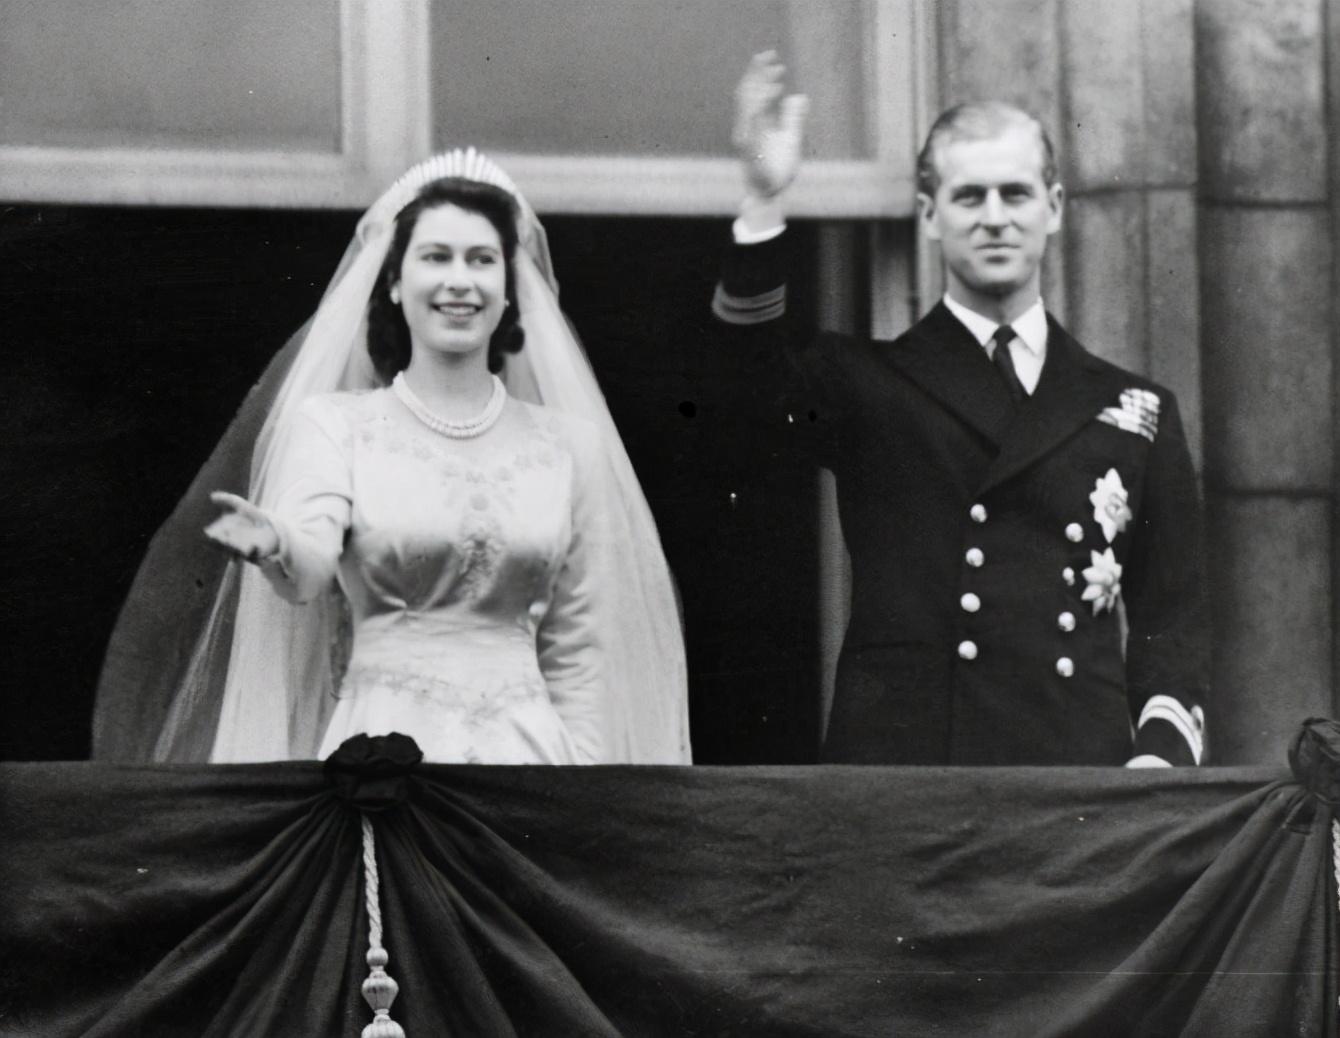 伊麗莎白與菲利普1947年舉行婚禮。